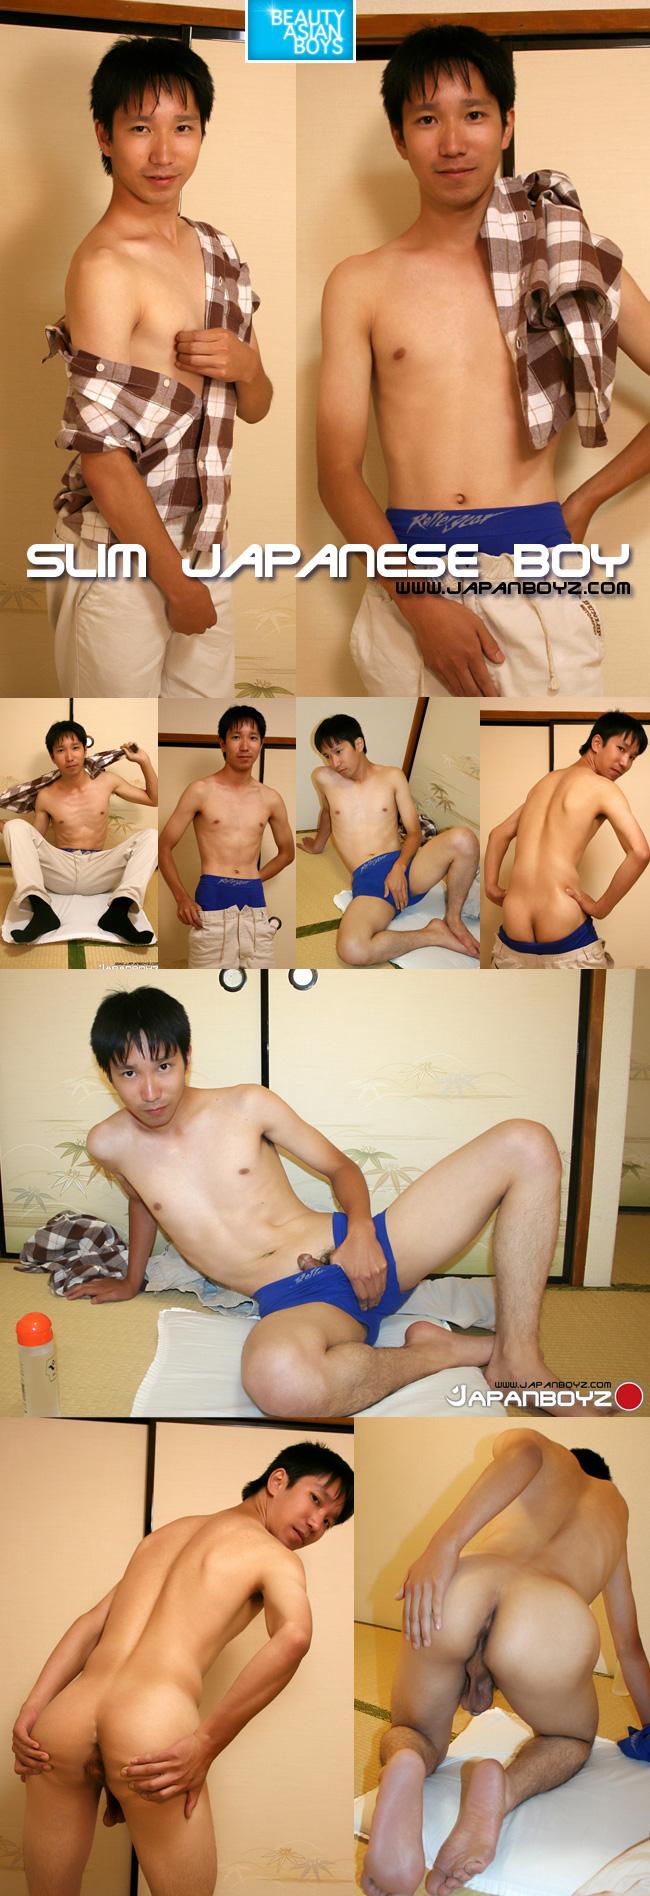 Japan Boy - Slim Japanese Boys